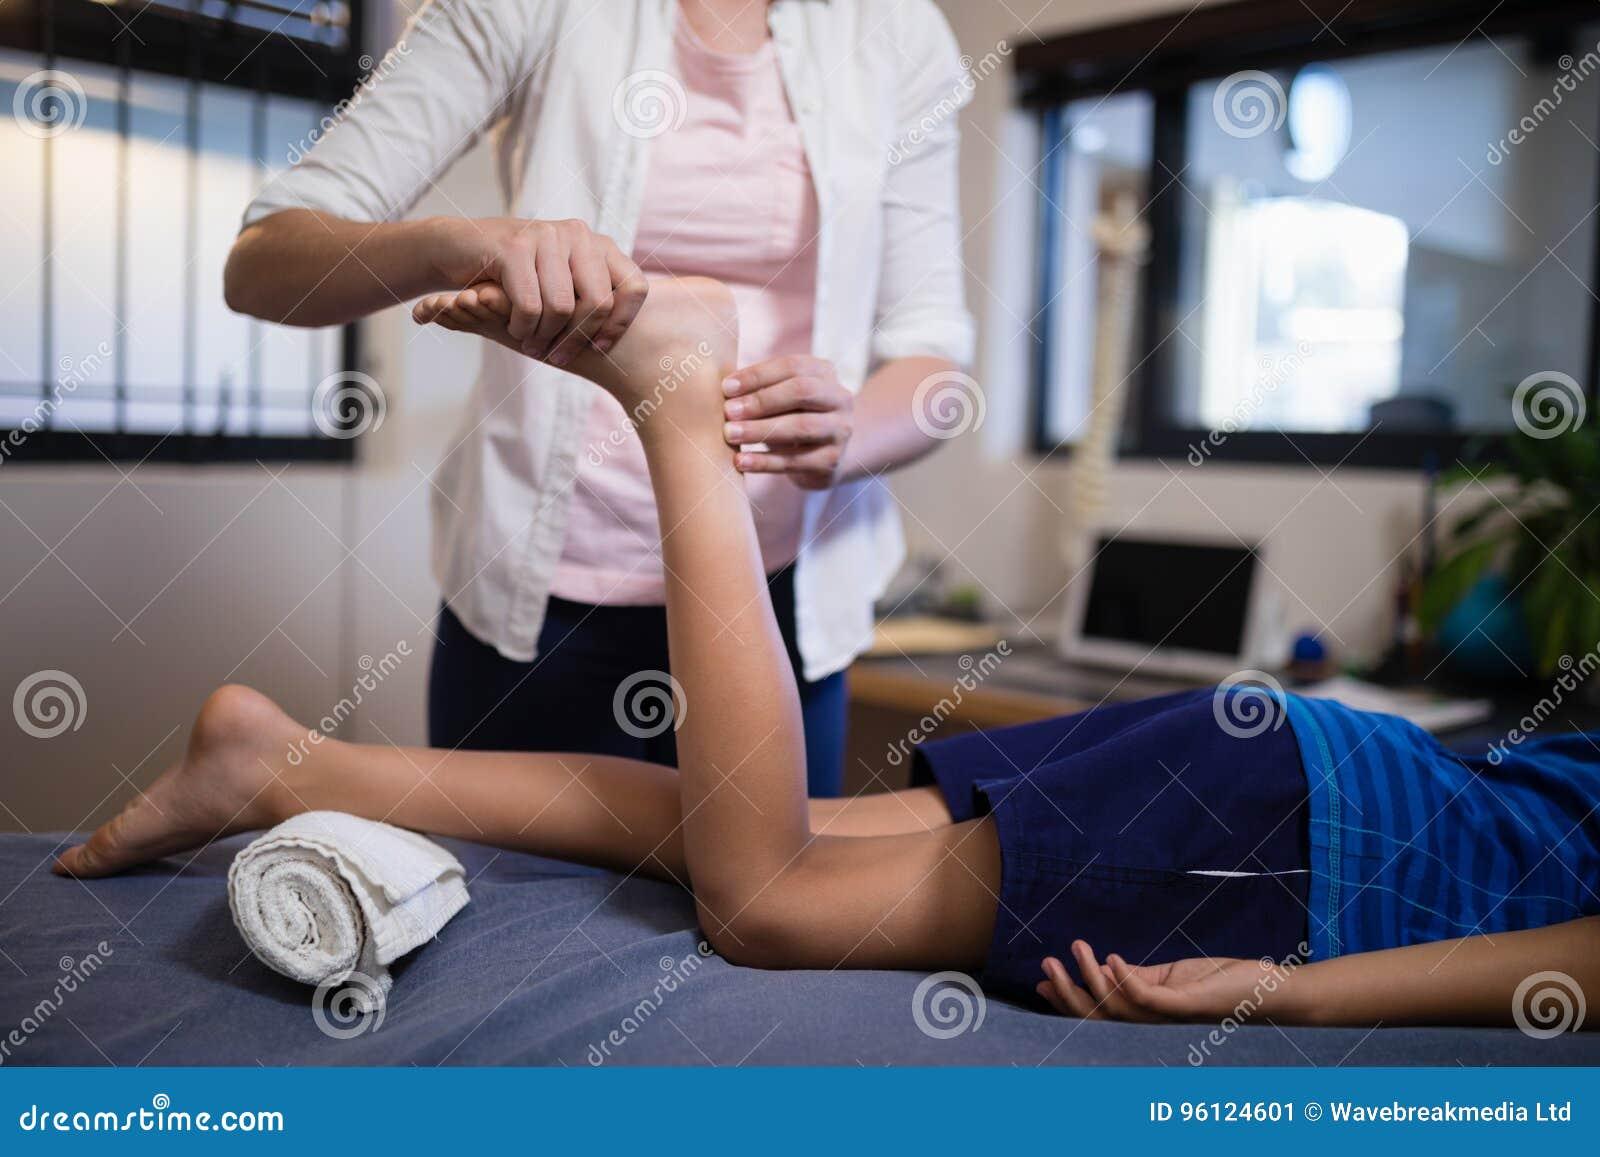 Низкий раздел мальчика получая массаж ноги от молодого женского терапевта